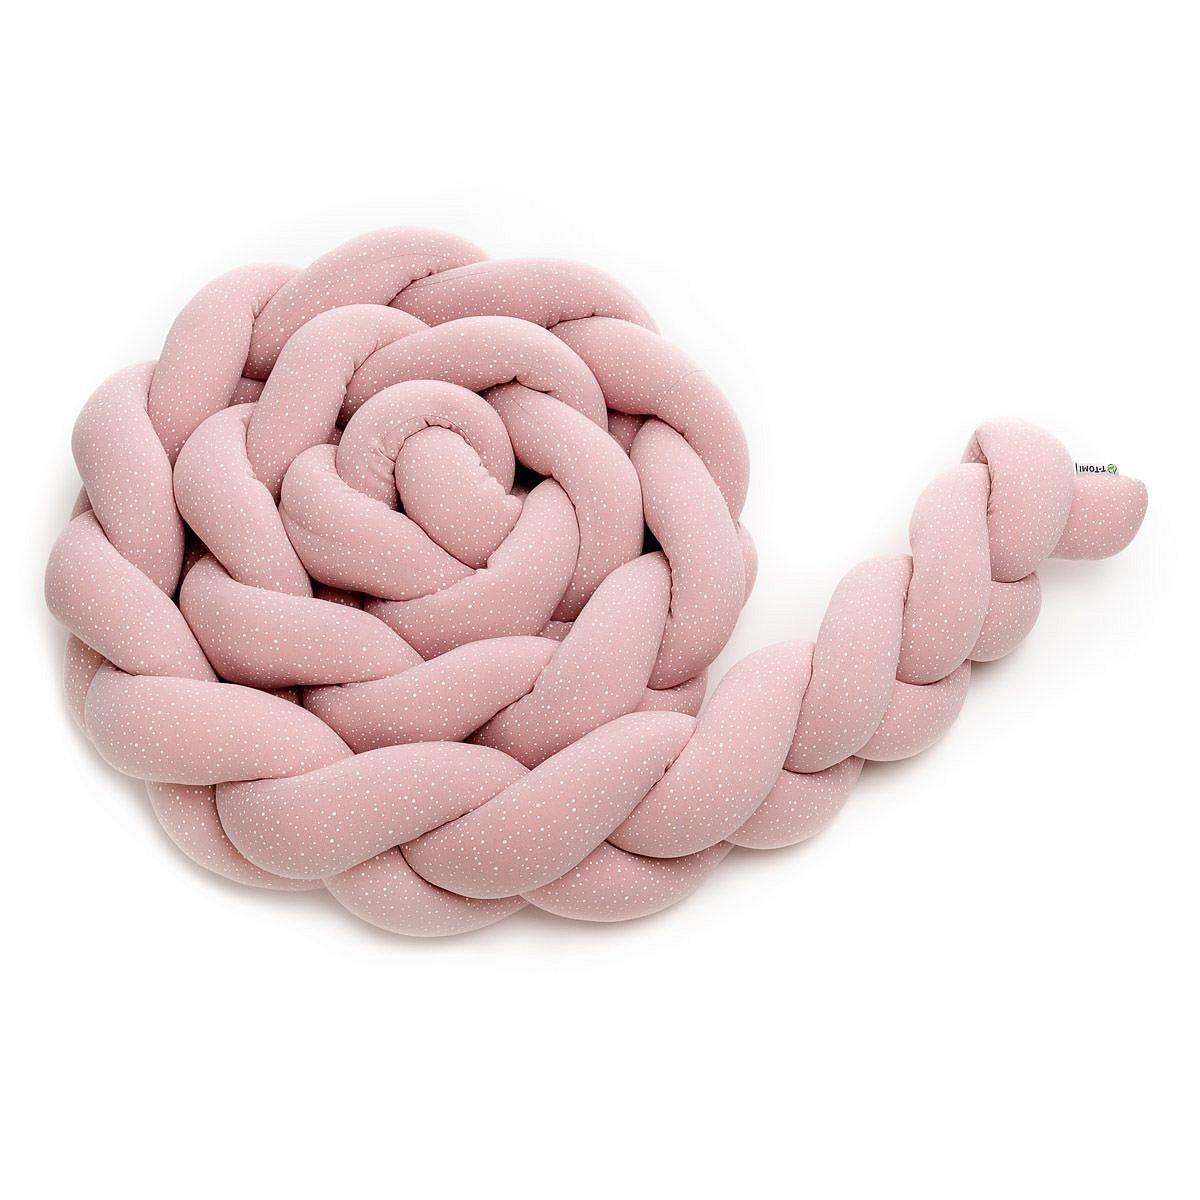 T-tomi Pletený mantinel 360 cm 1 ks pink dots